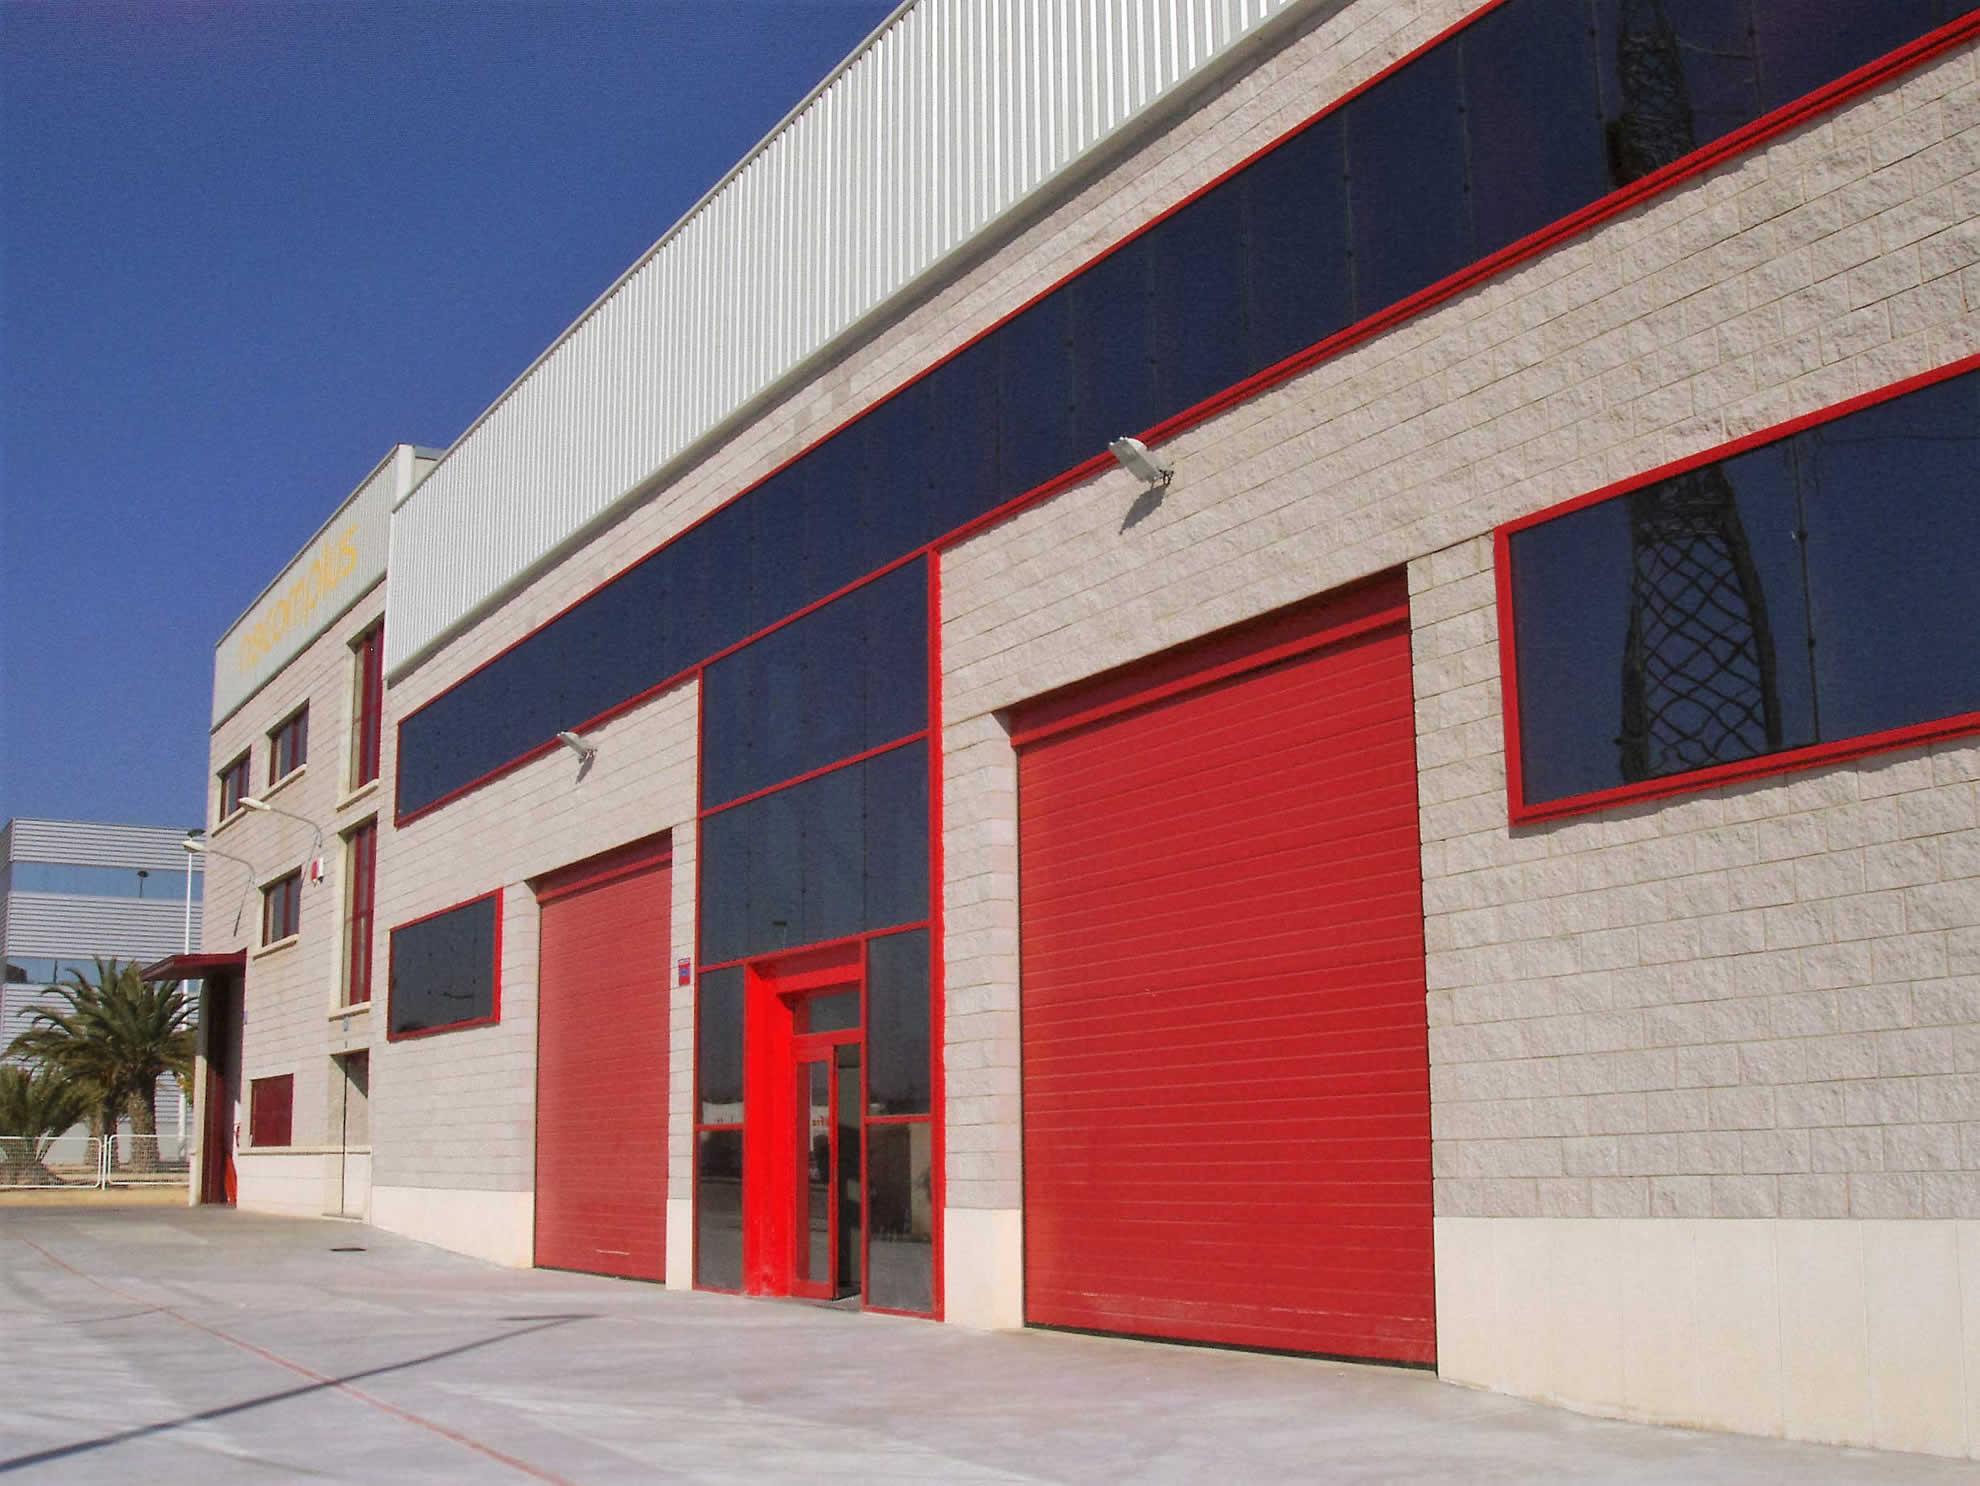 Proyecto de Construcción de nave industrial para fabricación de calzado en calle Nicolas de Bussi parcela 49-B, Parque Industrial Torrellano